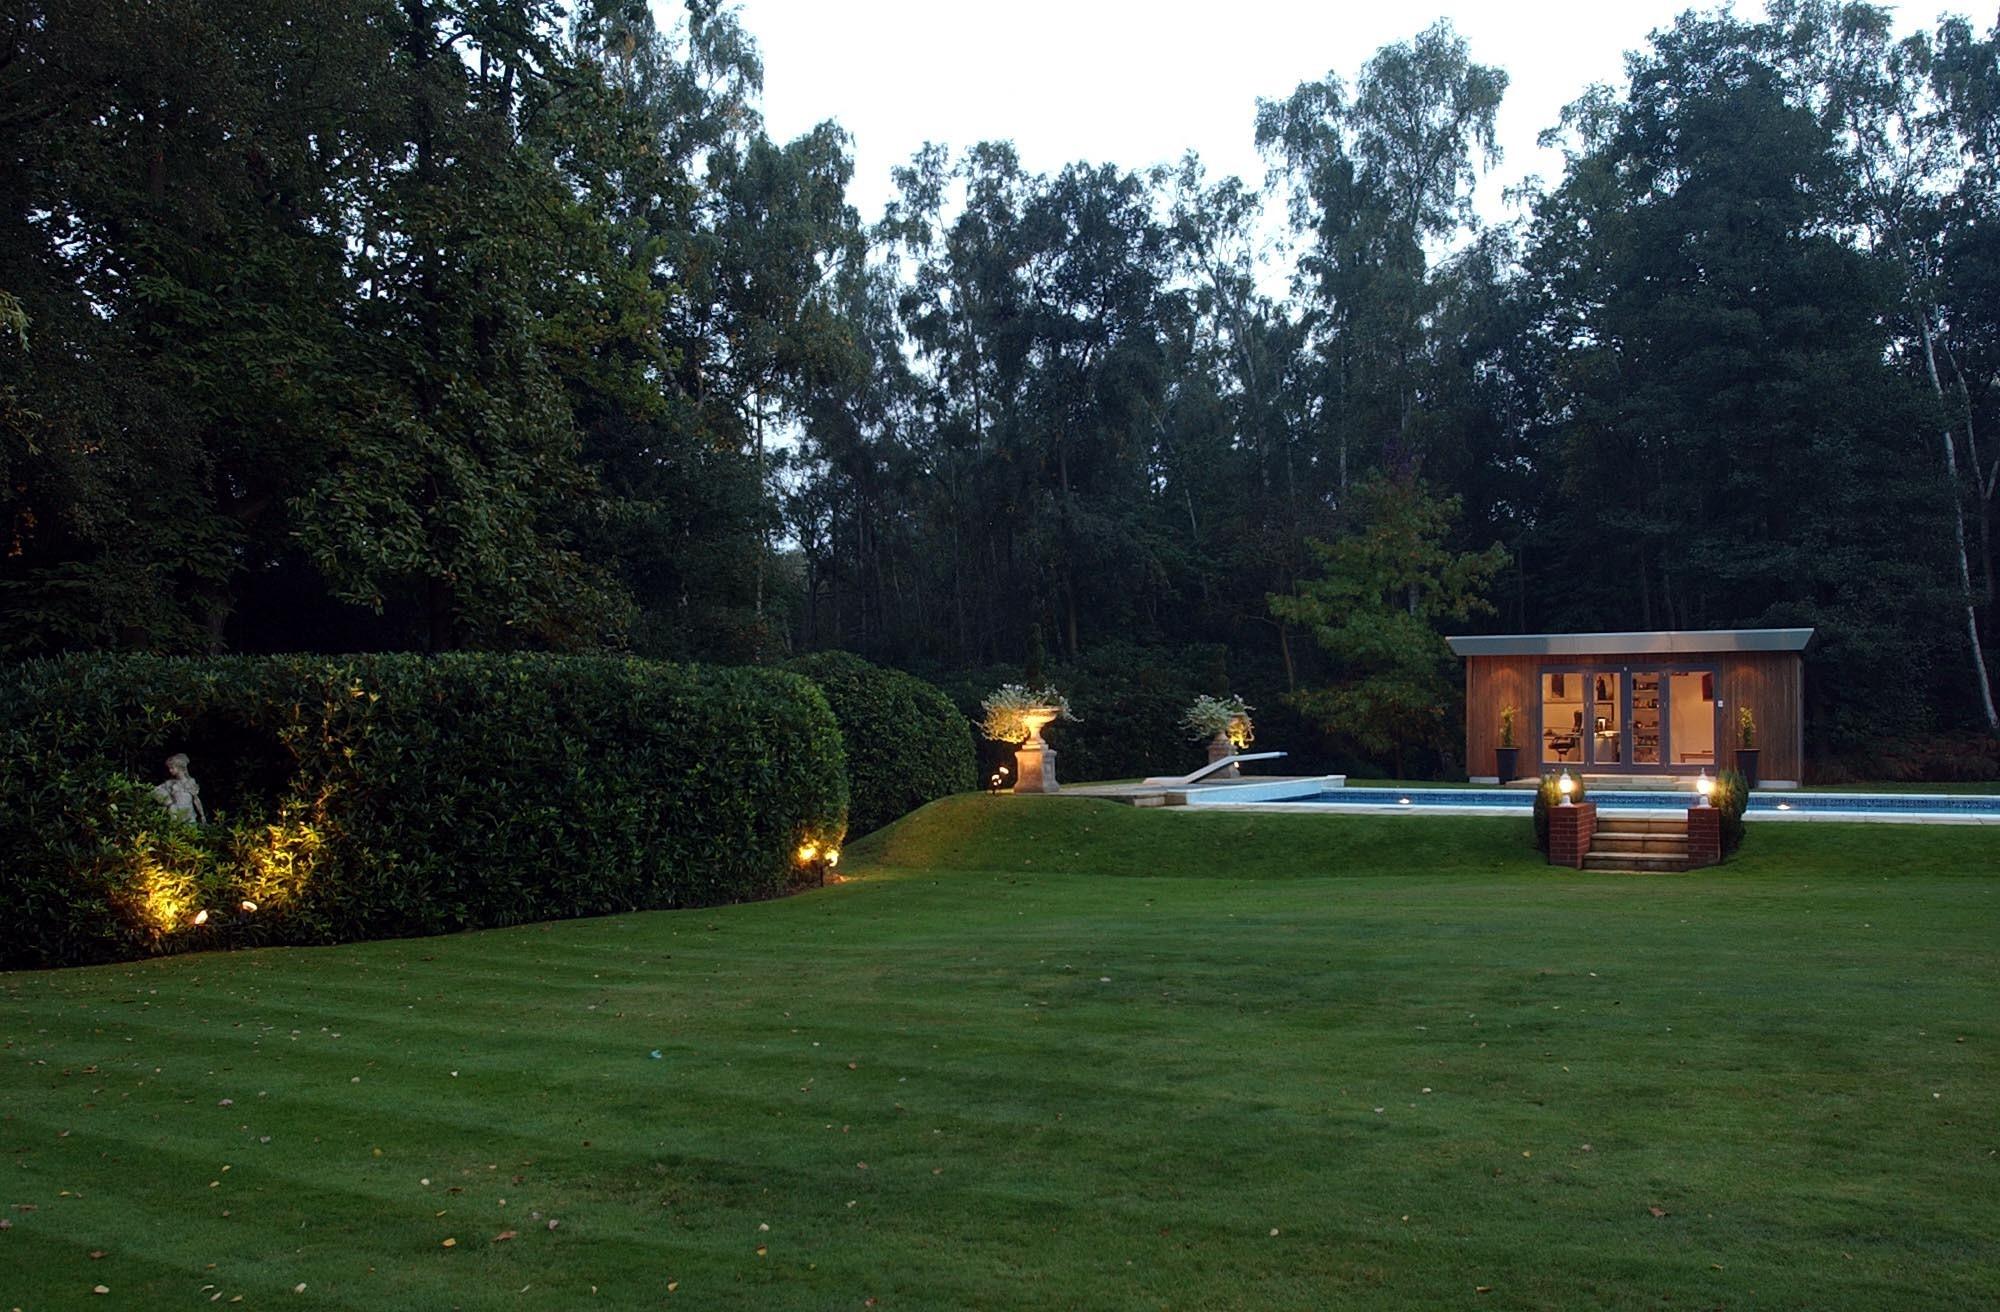 Moderno luxury garden room in landscaped garden